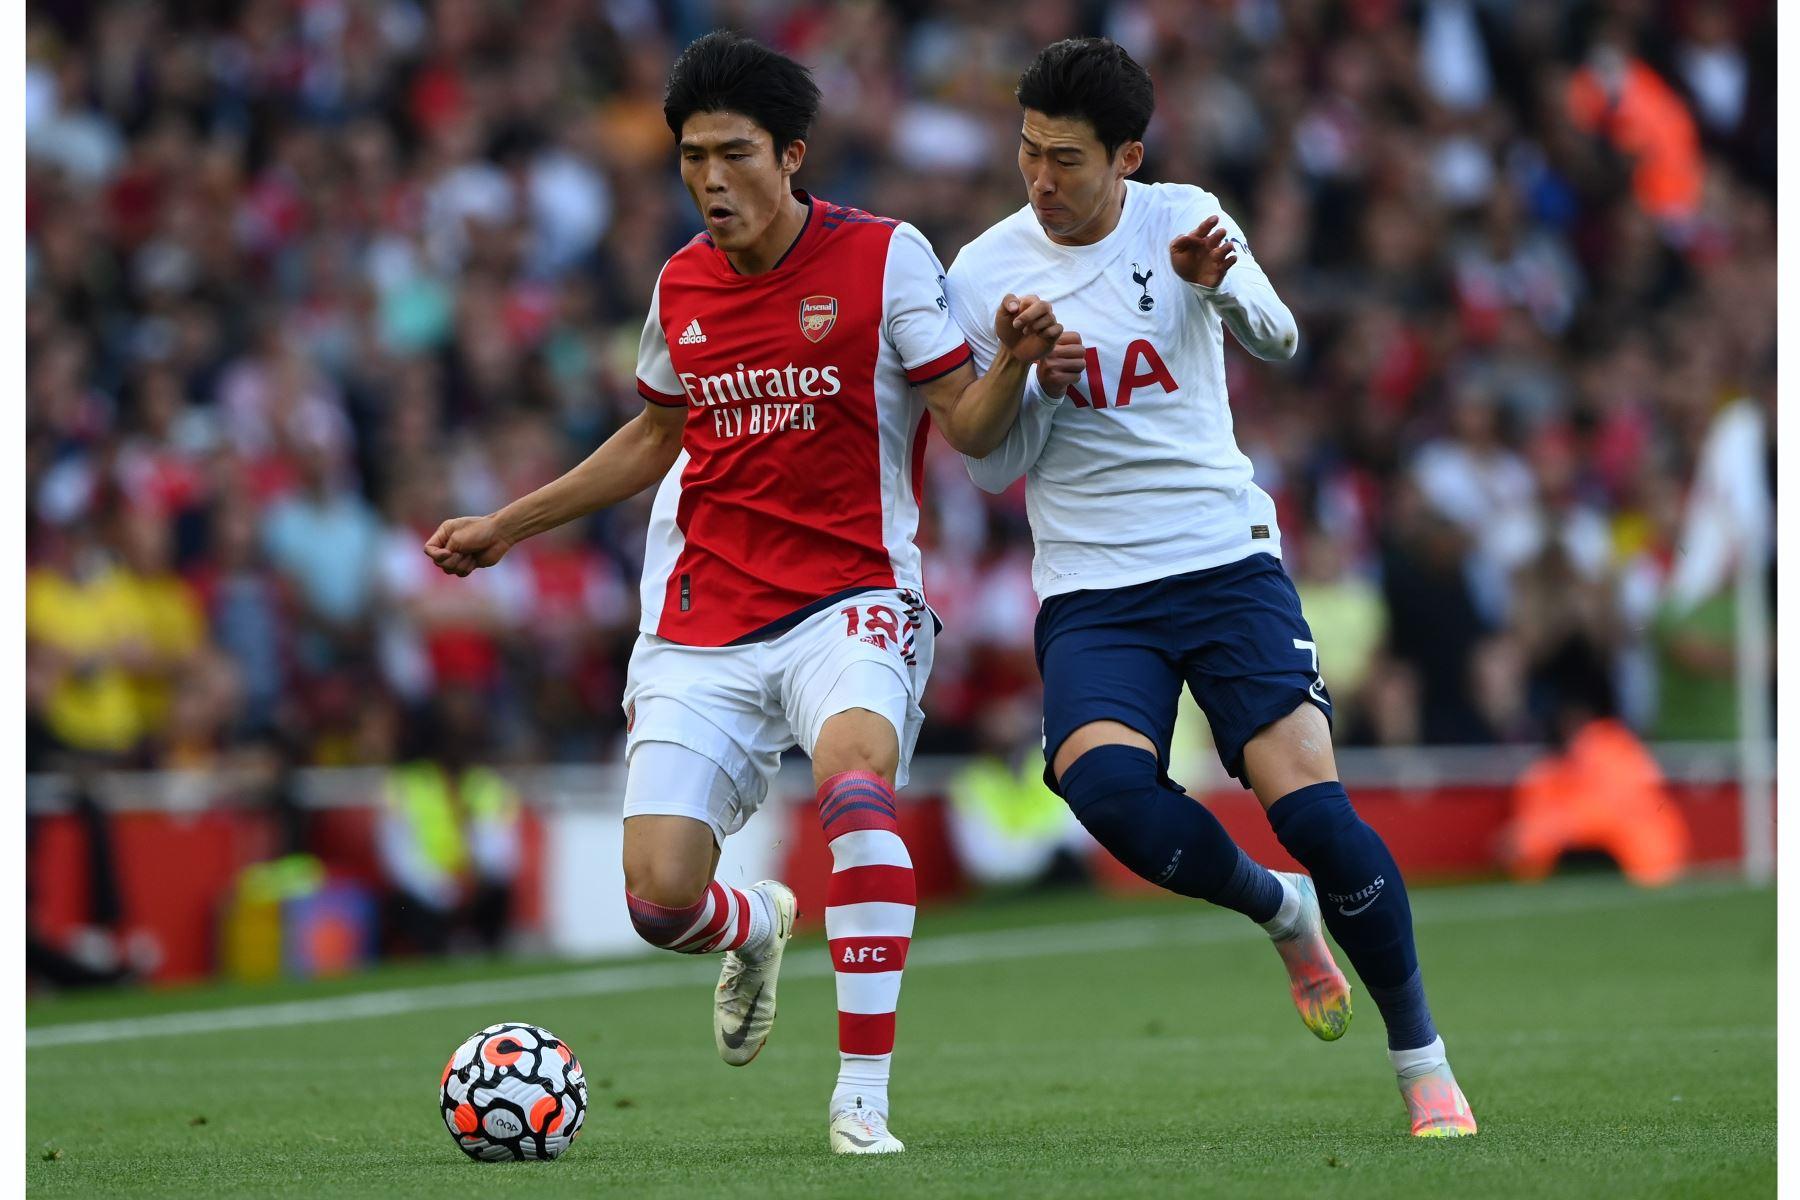 Takehiro Tomiyasu del Arsenal en acción contra Son Heung Min del Tottenham durante el partido de la Premier League, en Londres. Foto: EFE